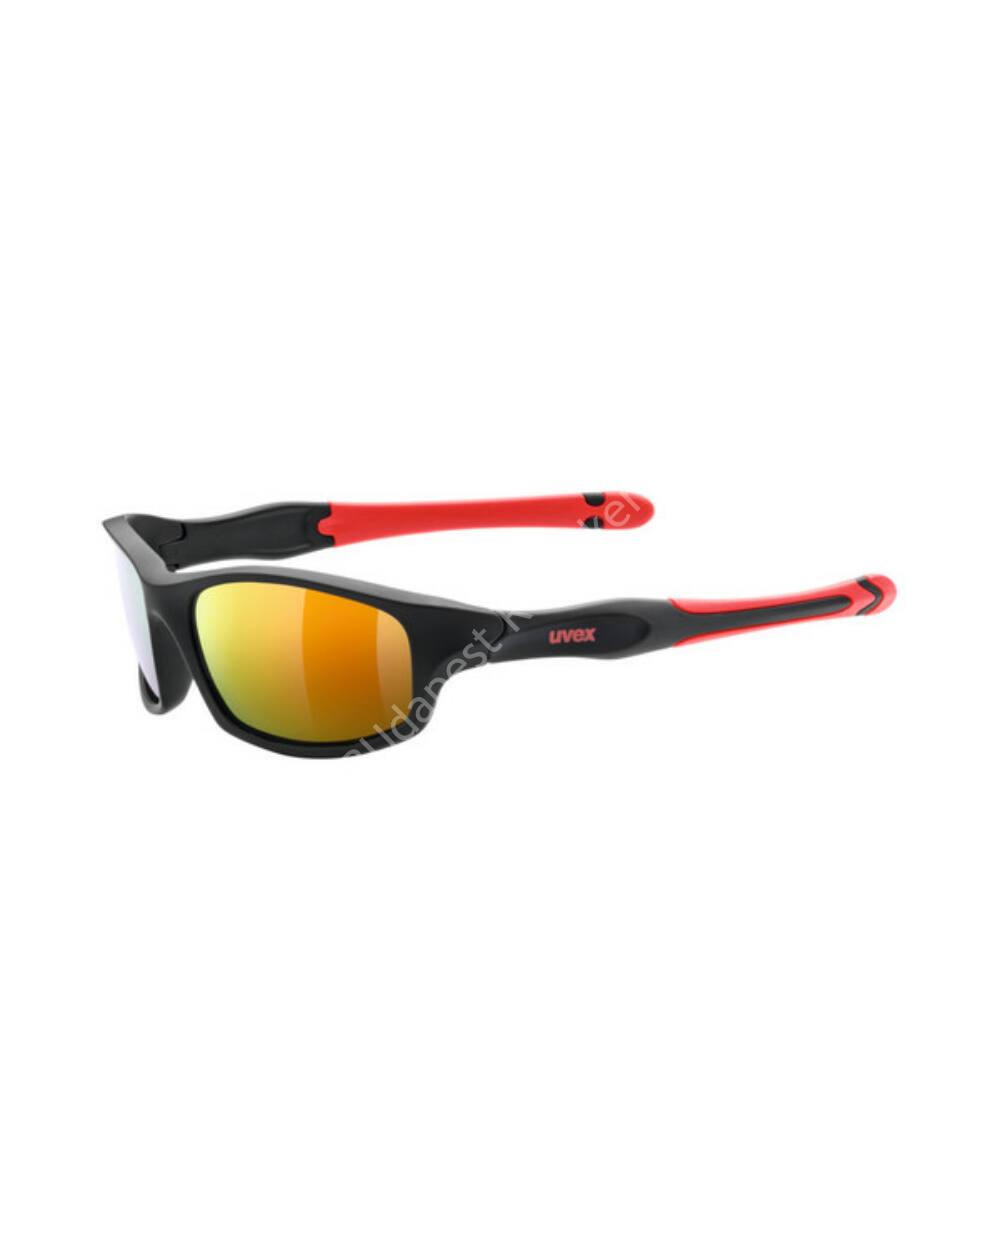 Uvex Sportstyle 507 gyerek napszemüveg, black-red